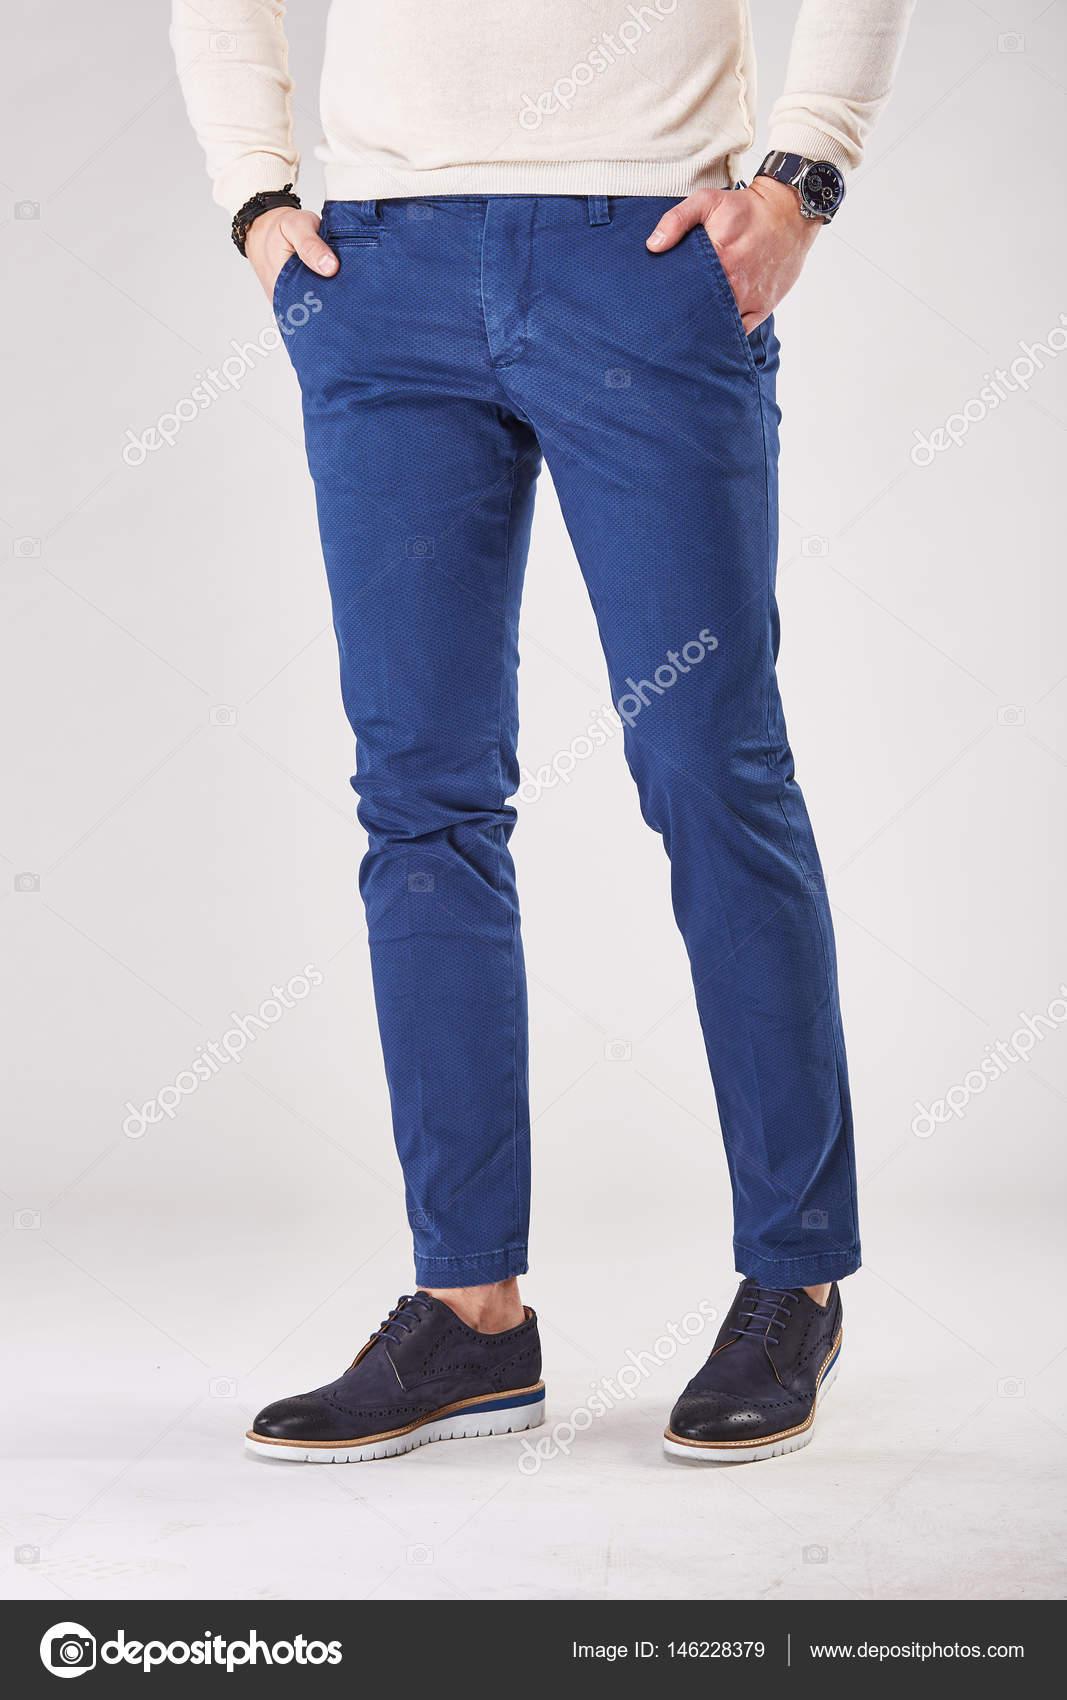 light studio in trendy deep blue pants